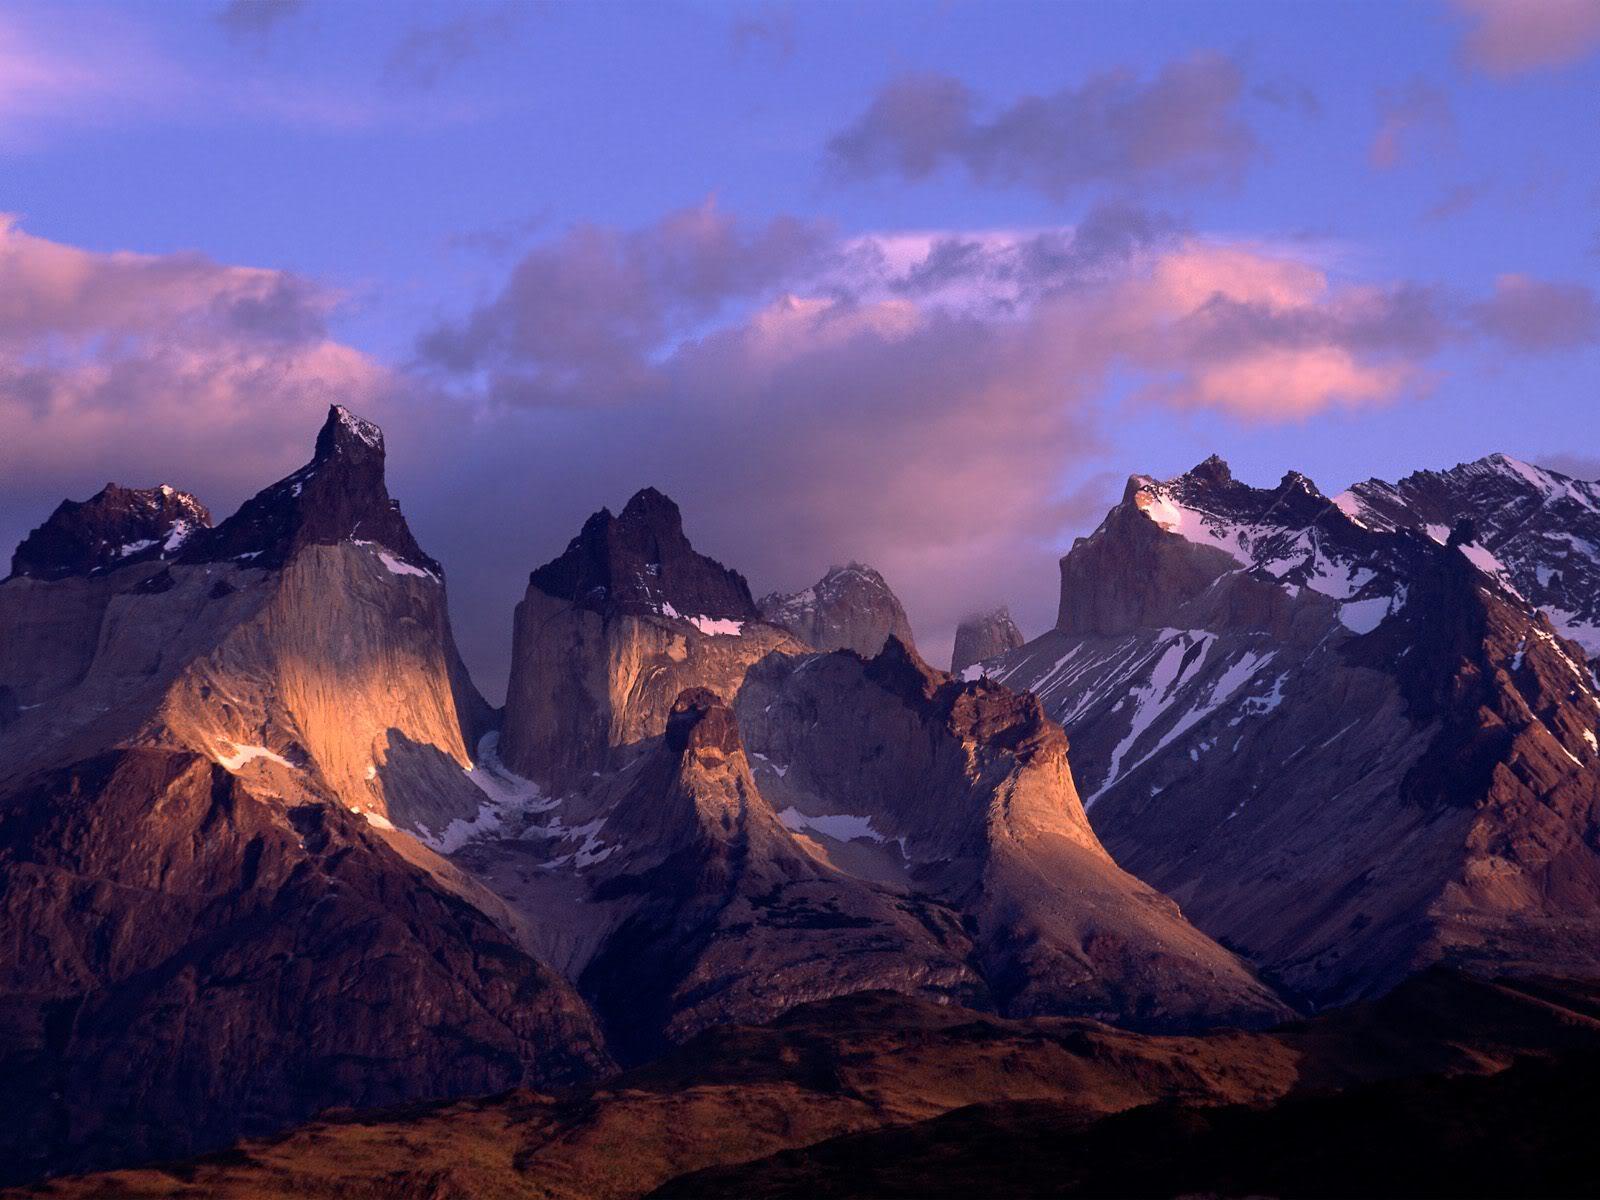 அழகு மலைகளின் காட்சிகள் சில.....02 - Page 22 CuernosDelPaineAndesMountainsChile